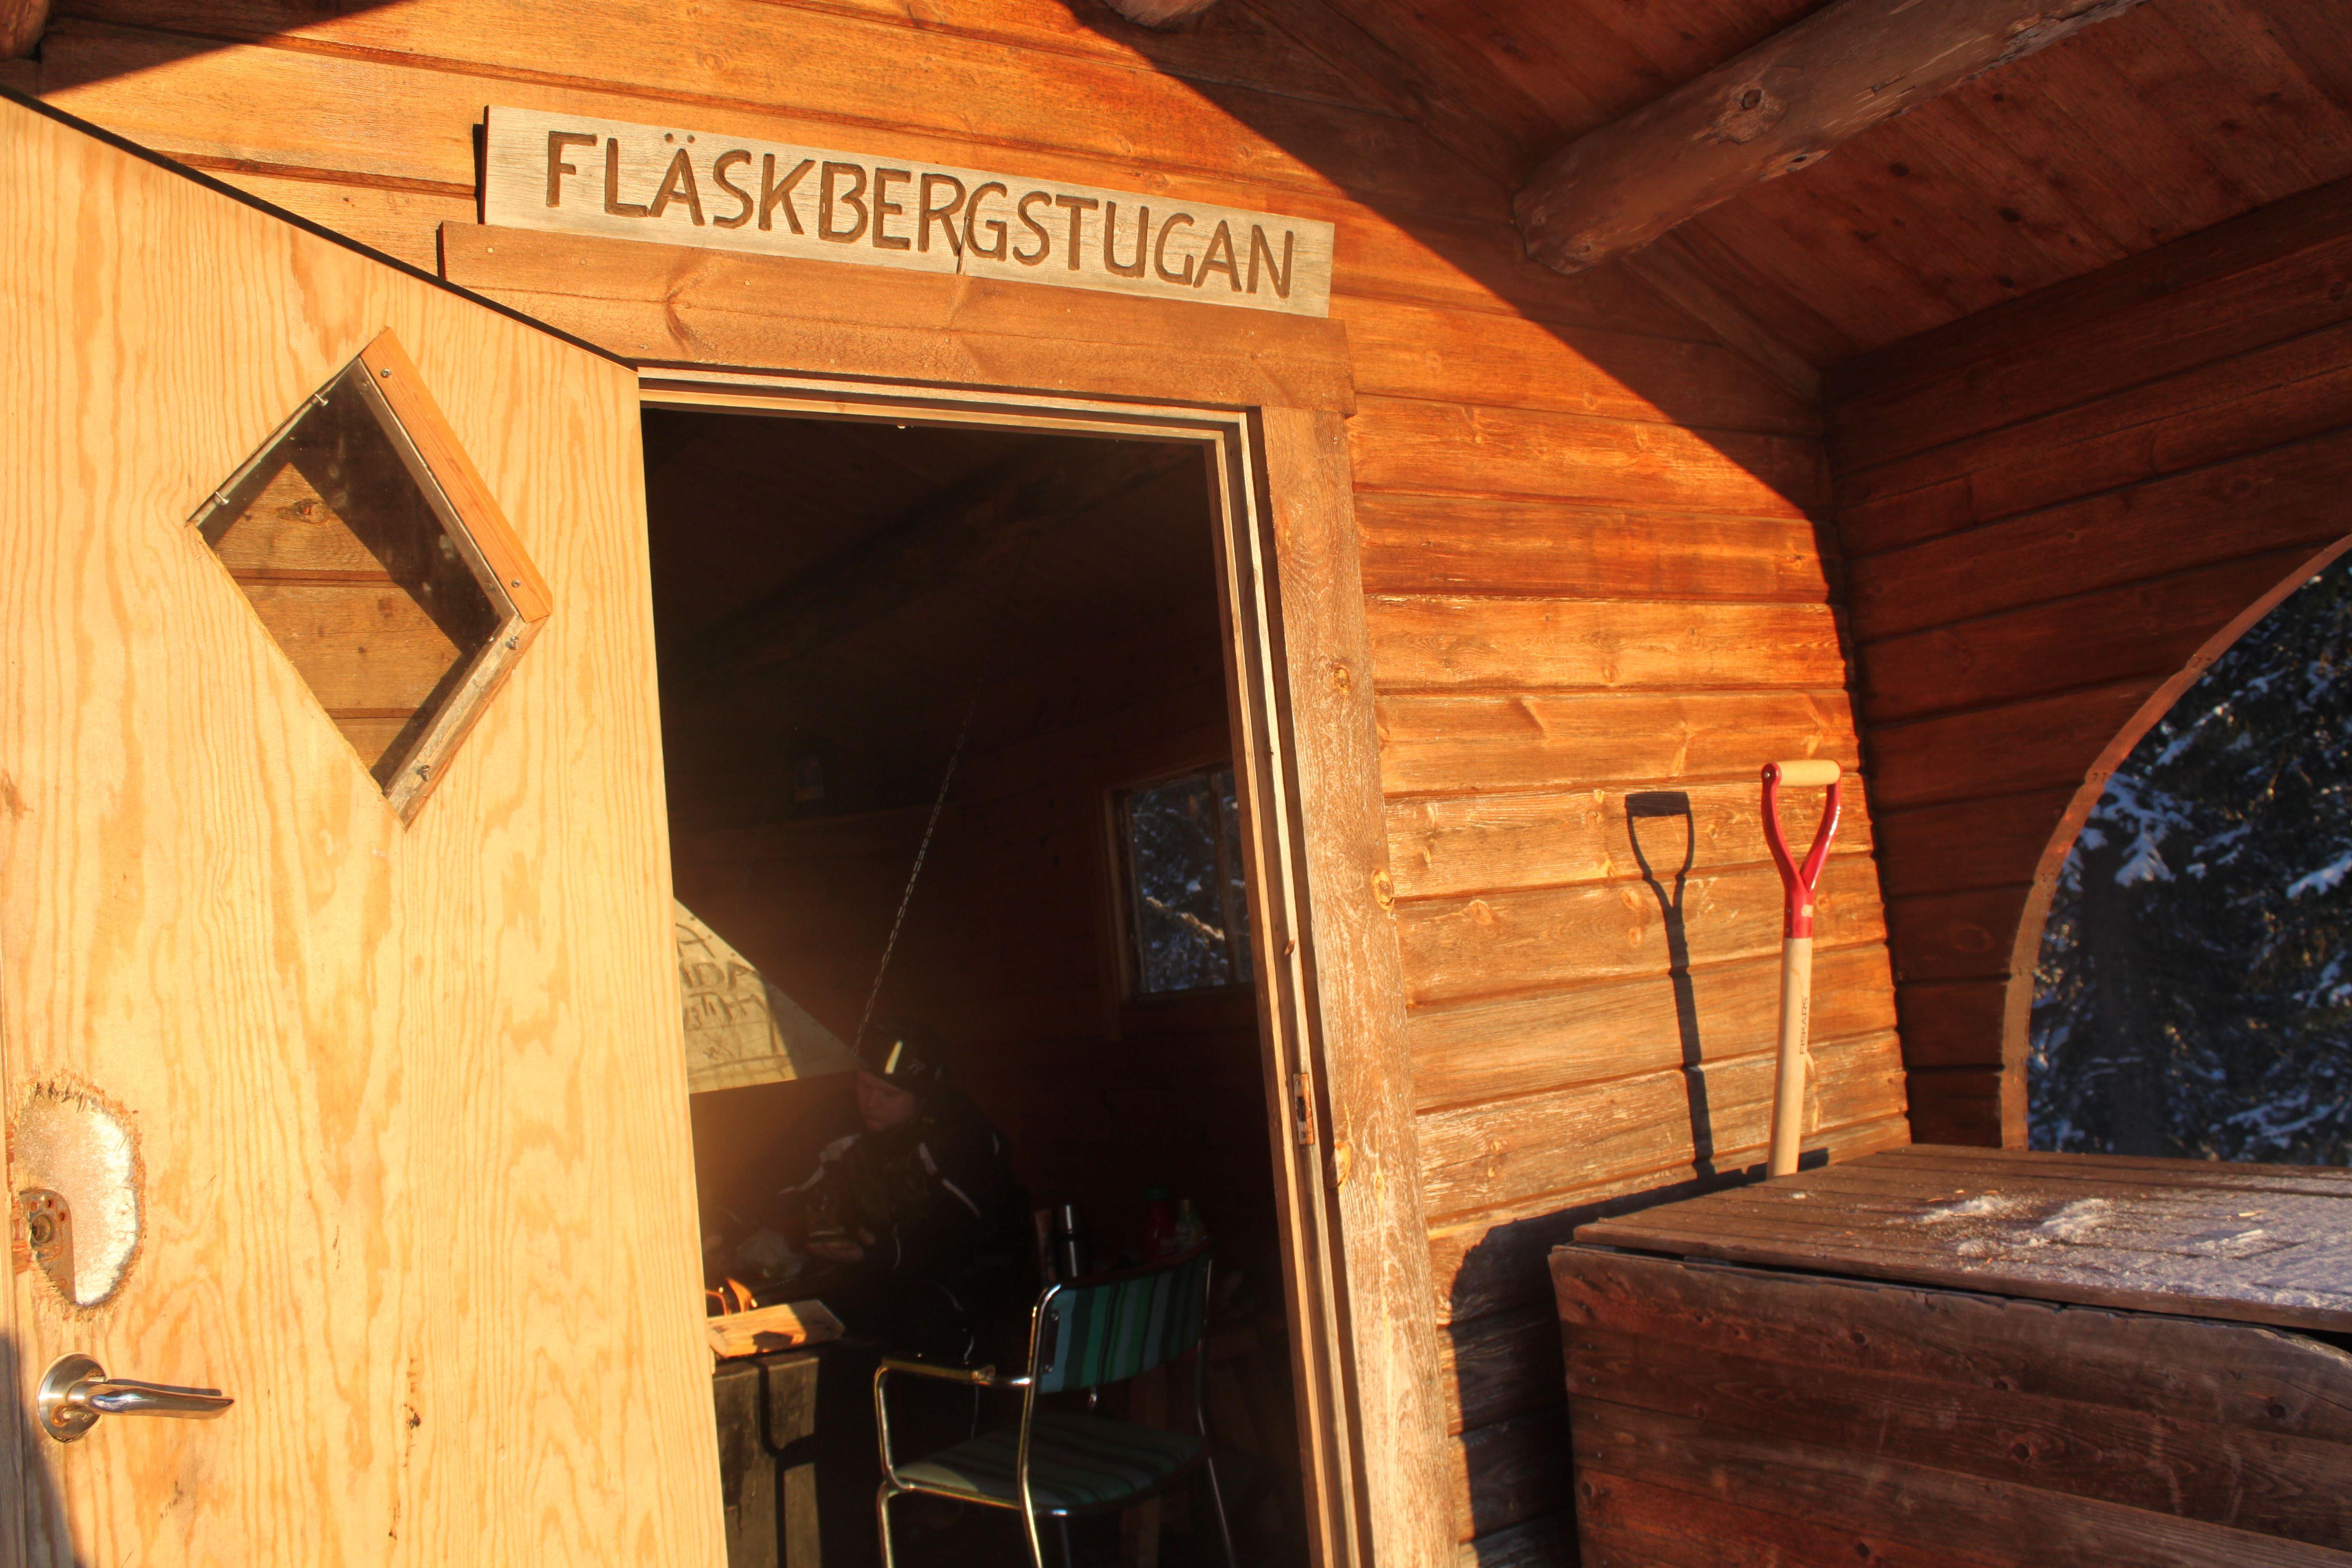 © Malå kommun, Fläskbergsstugan